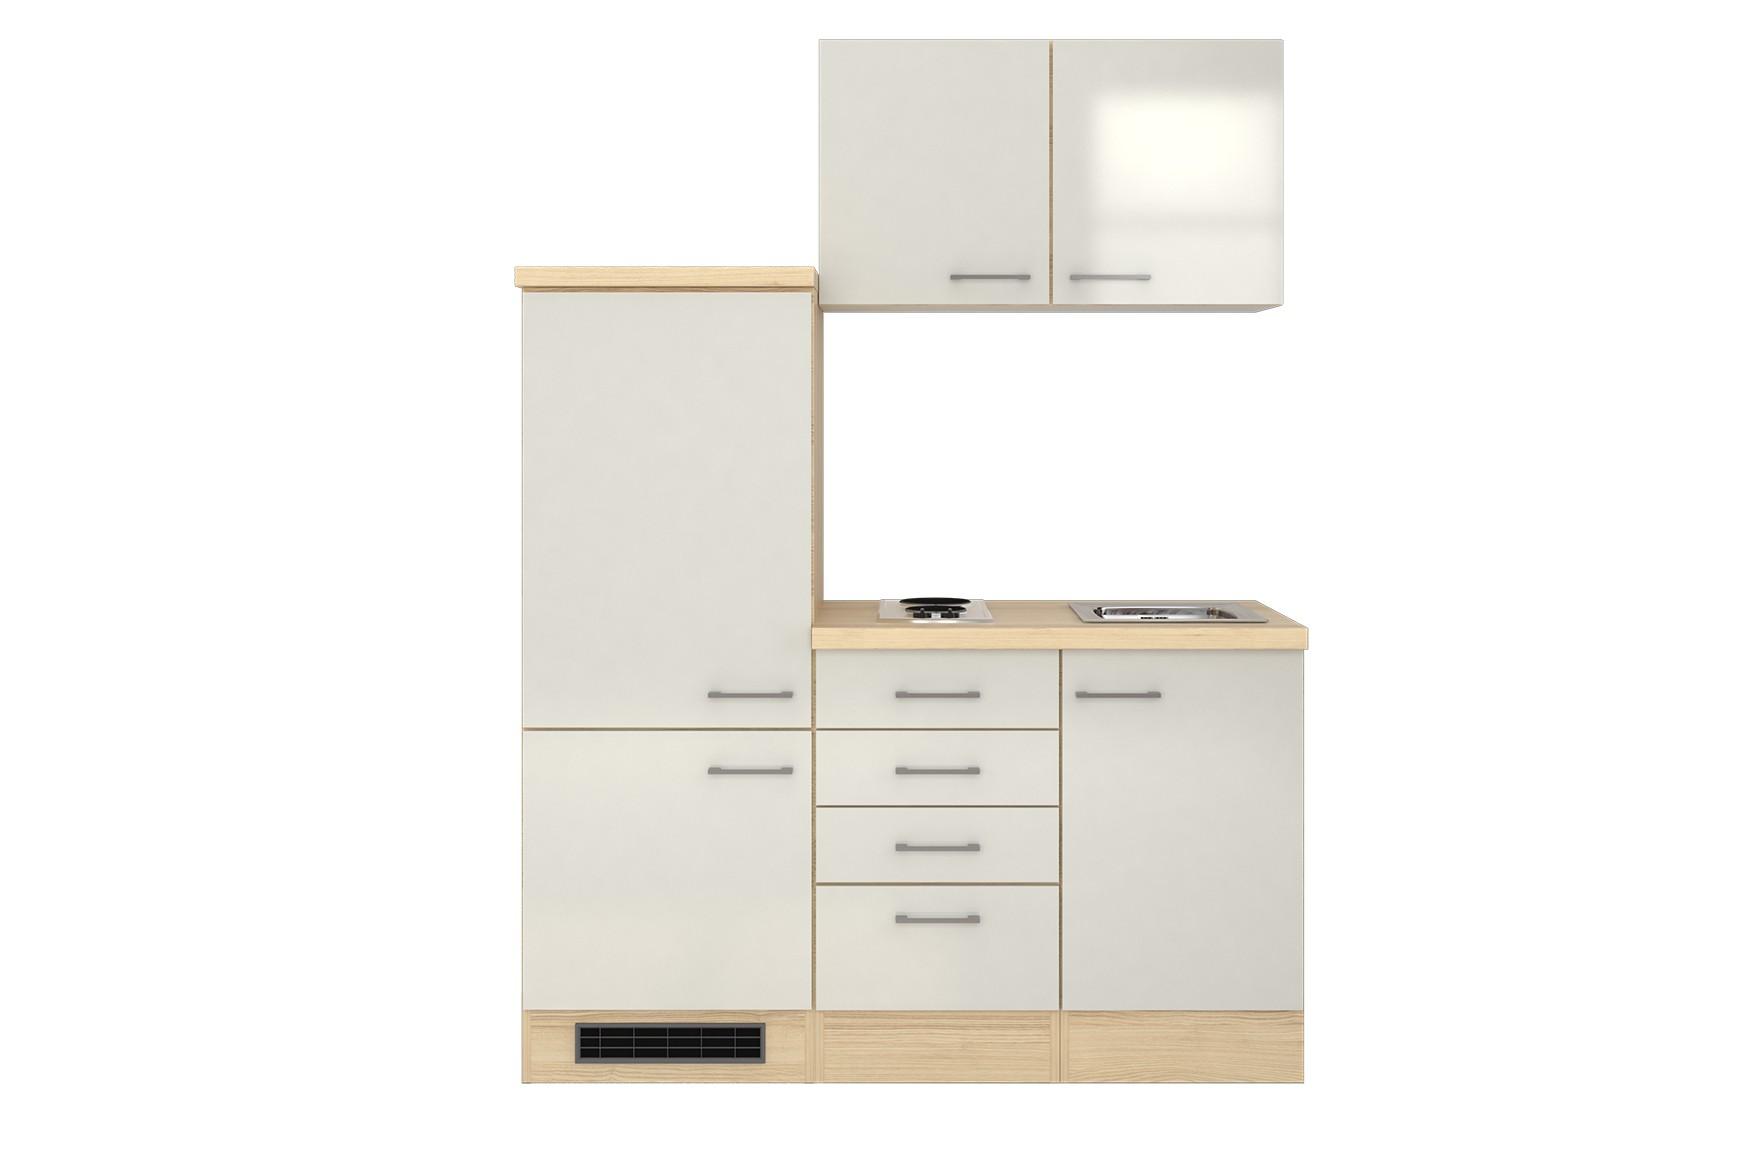 Miniküche Ohne Kühlschrank : Miniküche mit kühlschrank singleküche spüle doppel kochplatte